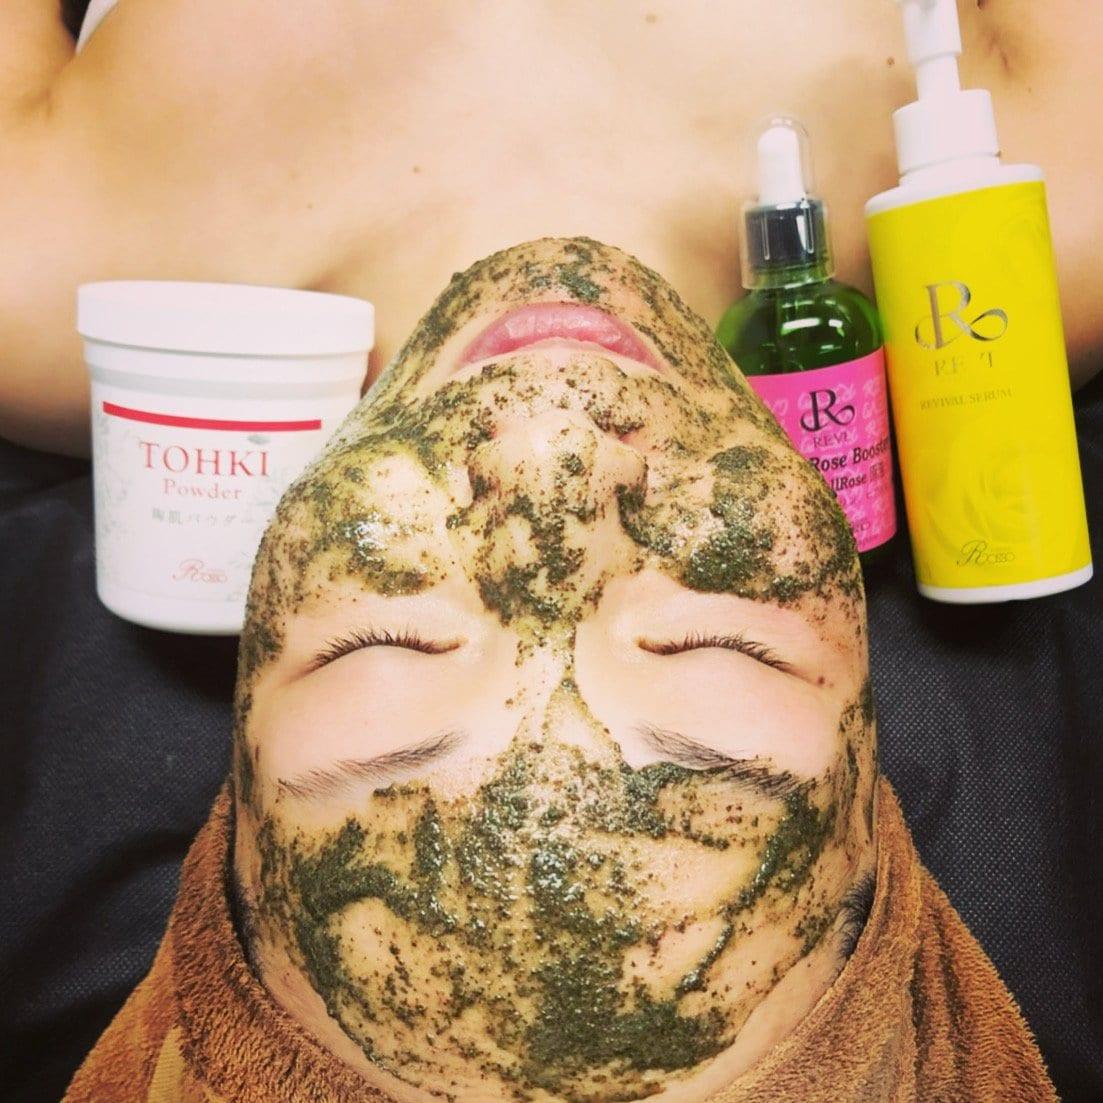 【初回限定】REVI陶肌トリートメント70+半顔デモ体験30|剥かないハーブピール|痛くないハーブピールのイメージその4